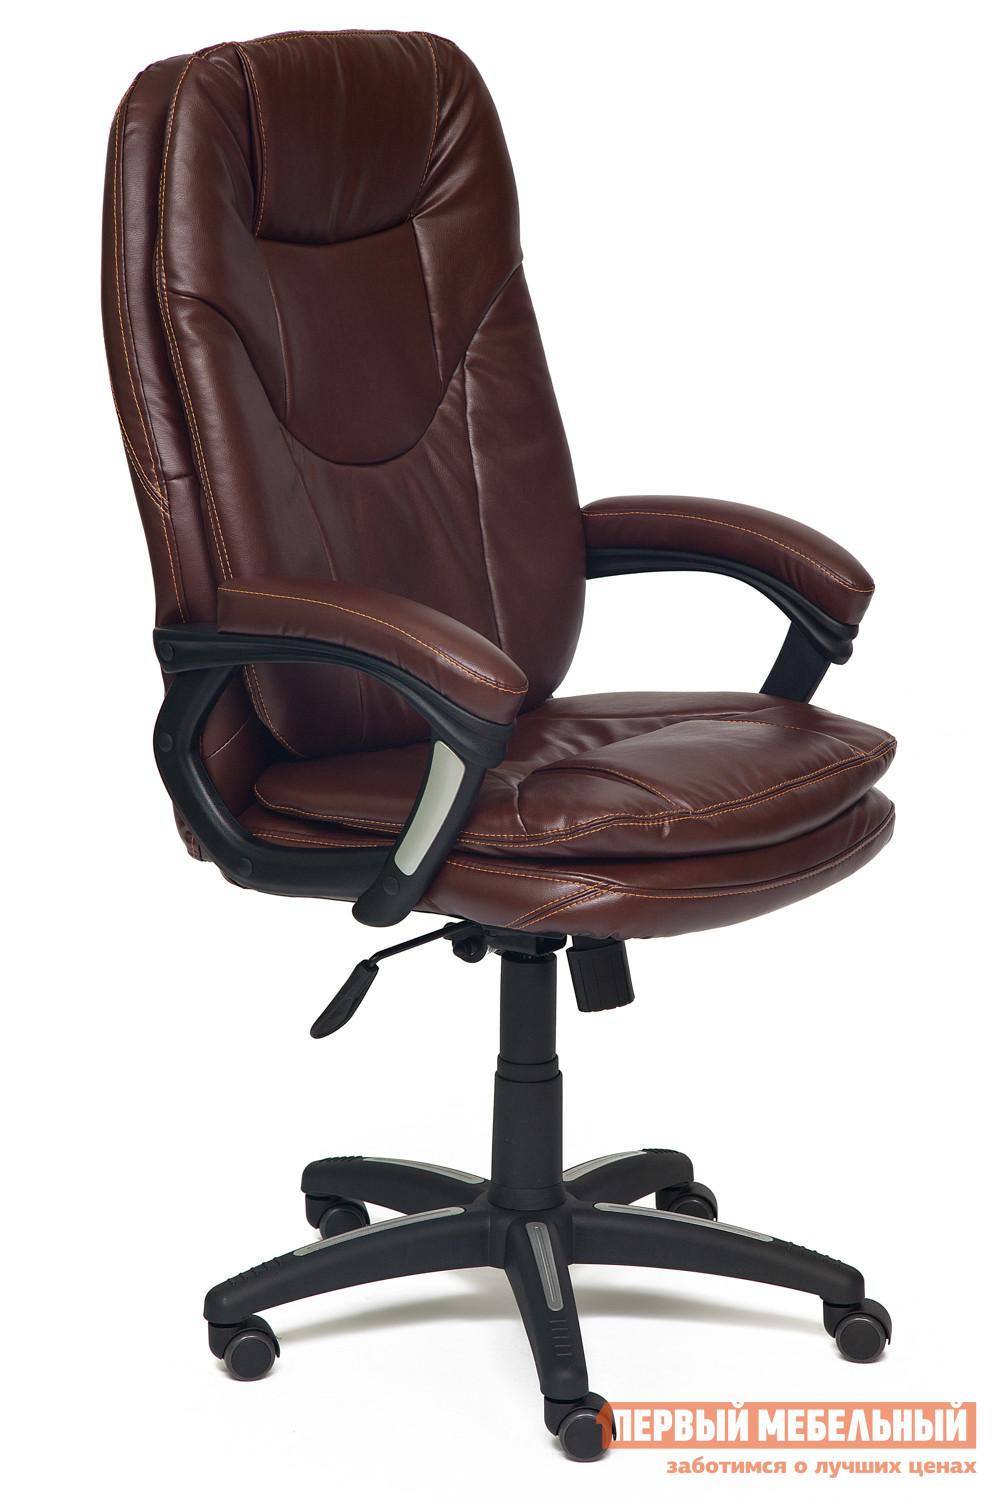 Кресло руководителя  COMFORT Иск. кожа коричневая 2 TONE